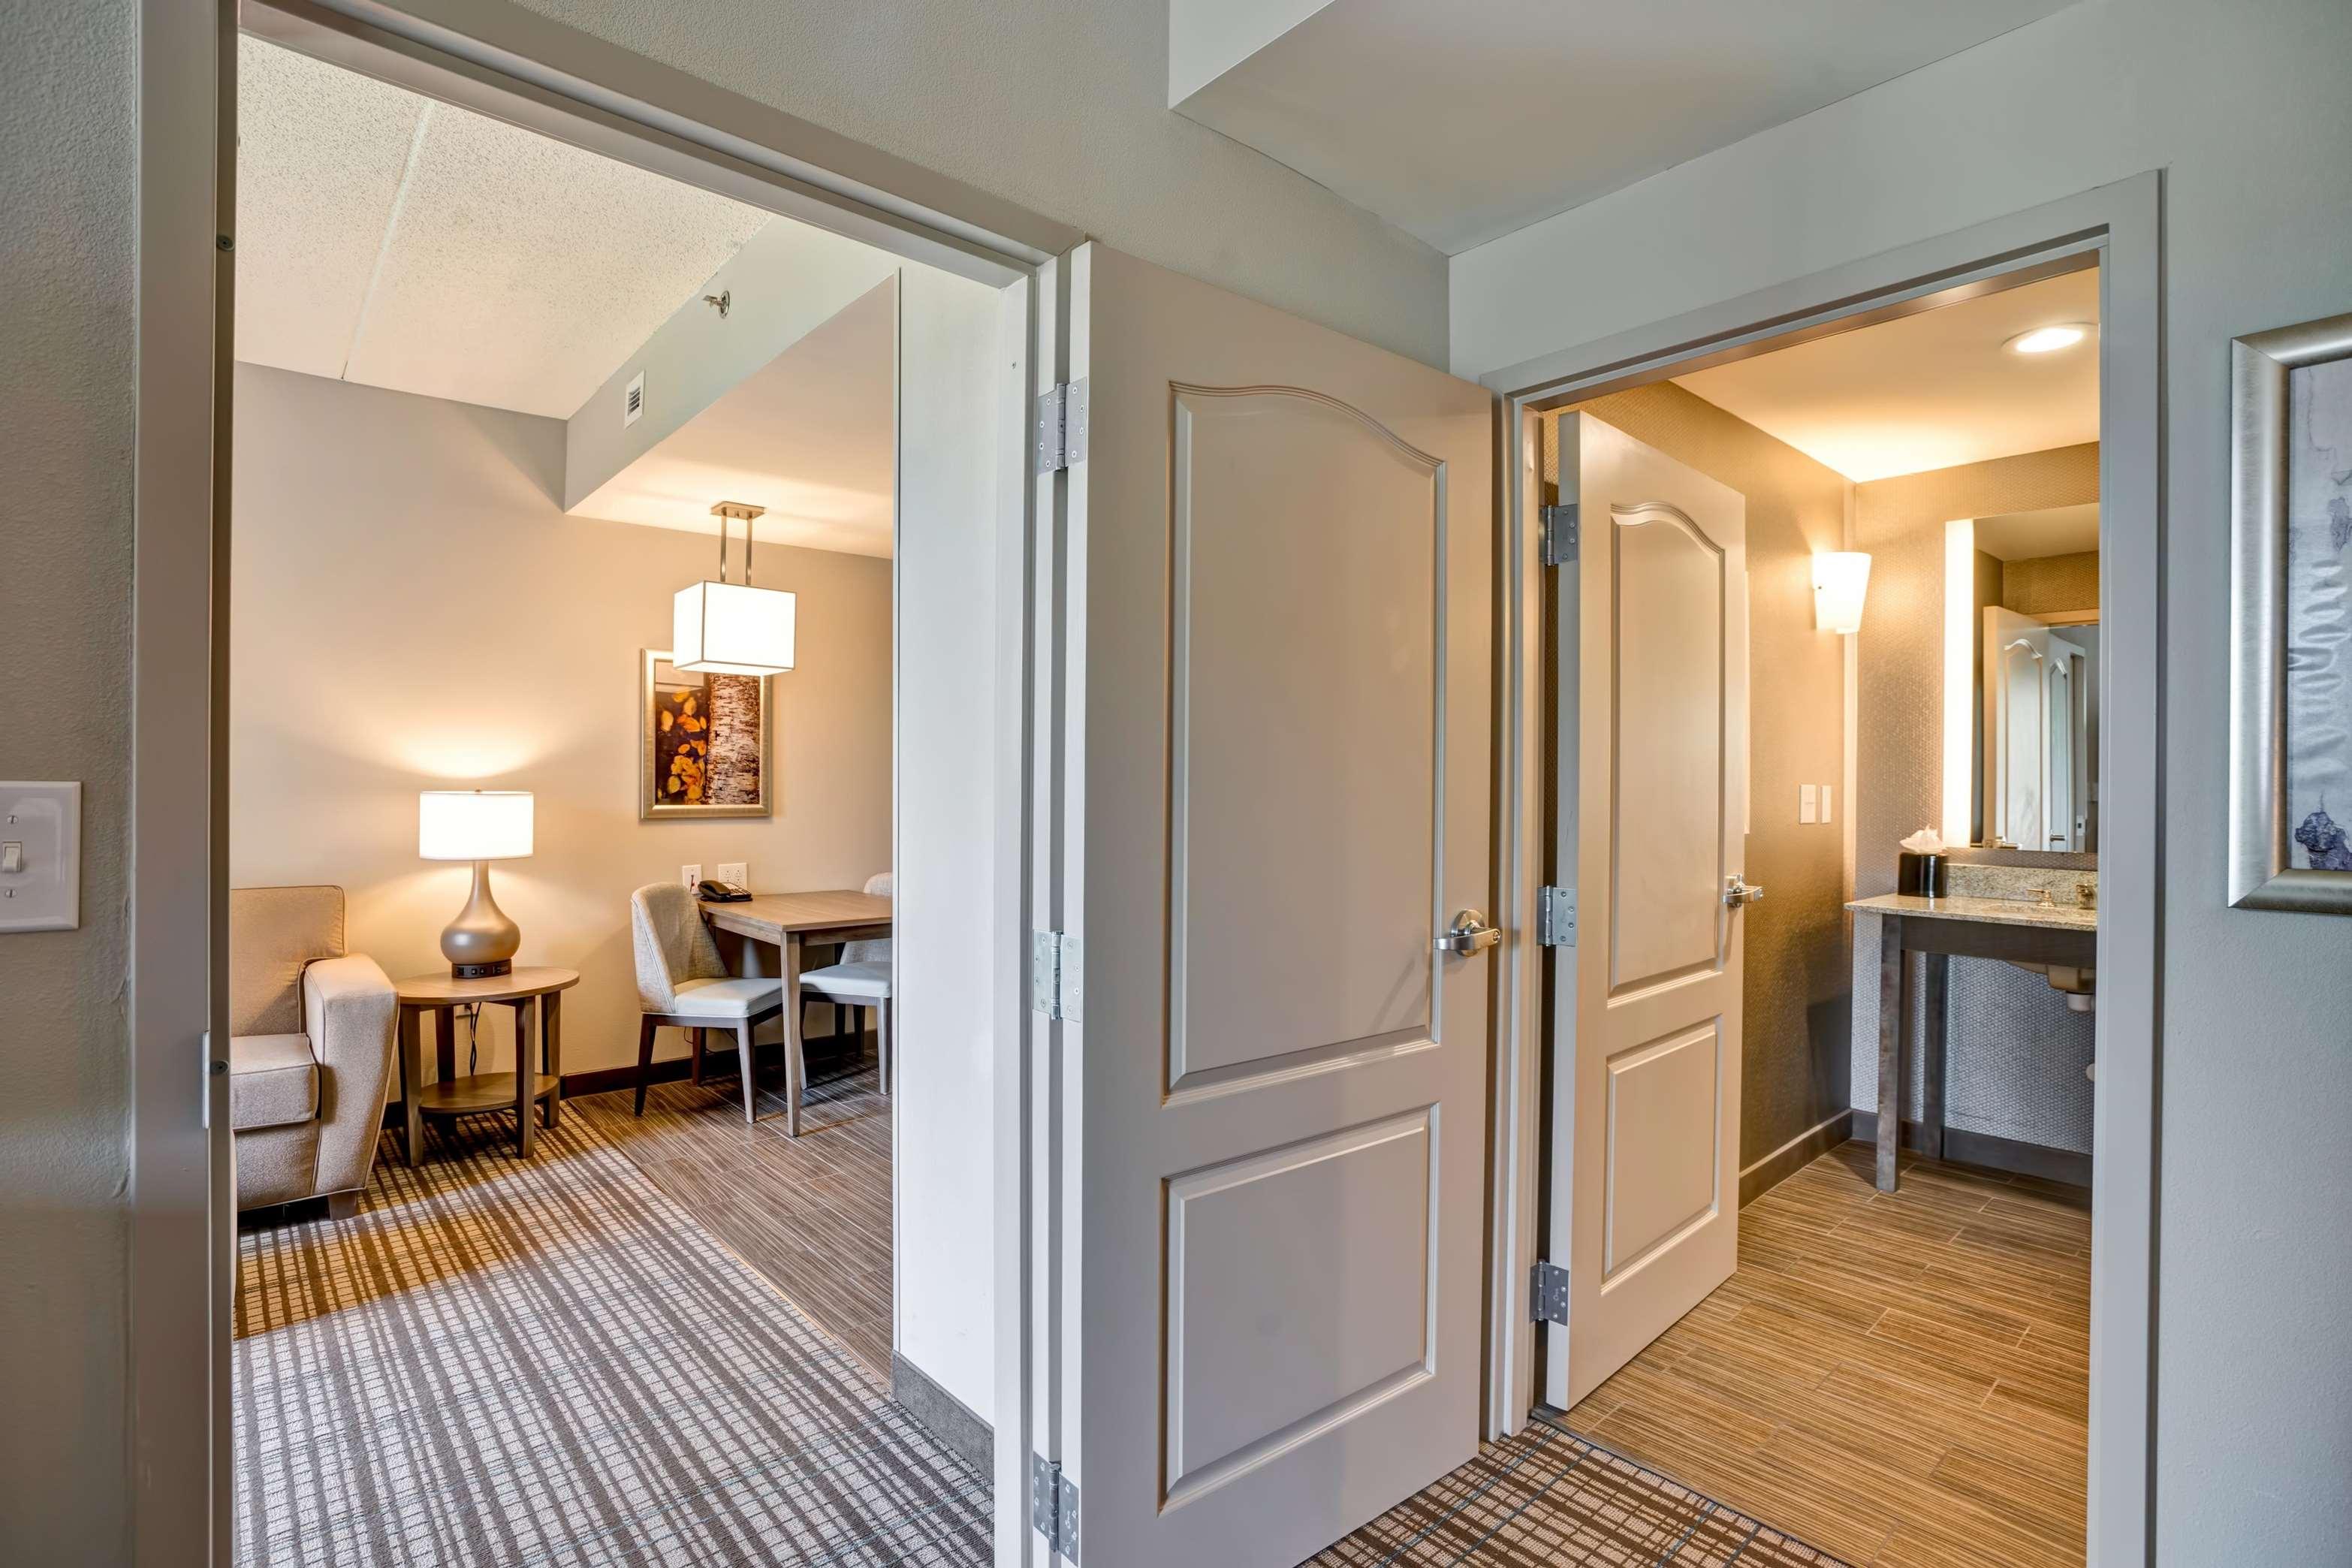 Homewood Suites by Hilton Nashville Franklin Cool Springs image 30